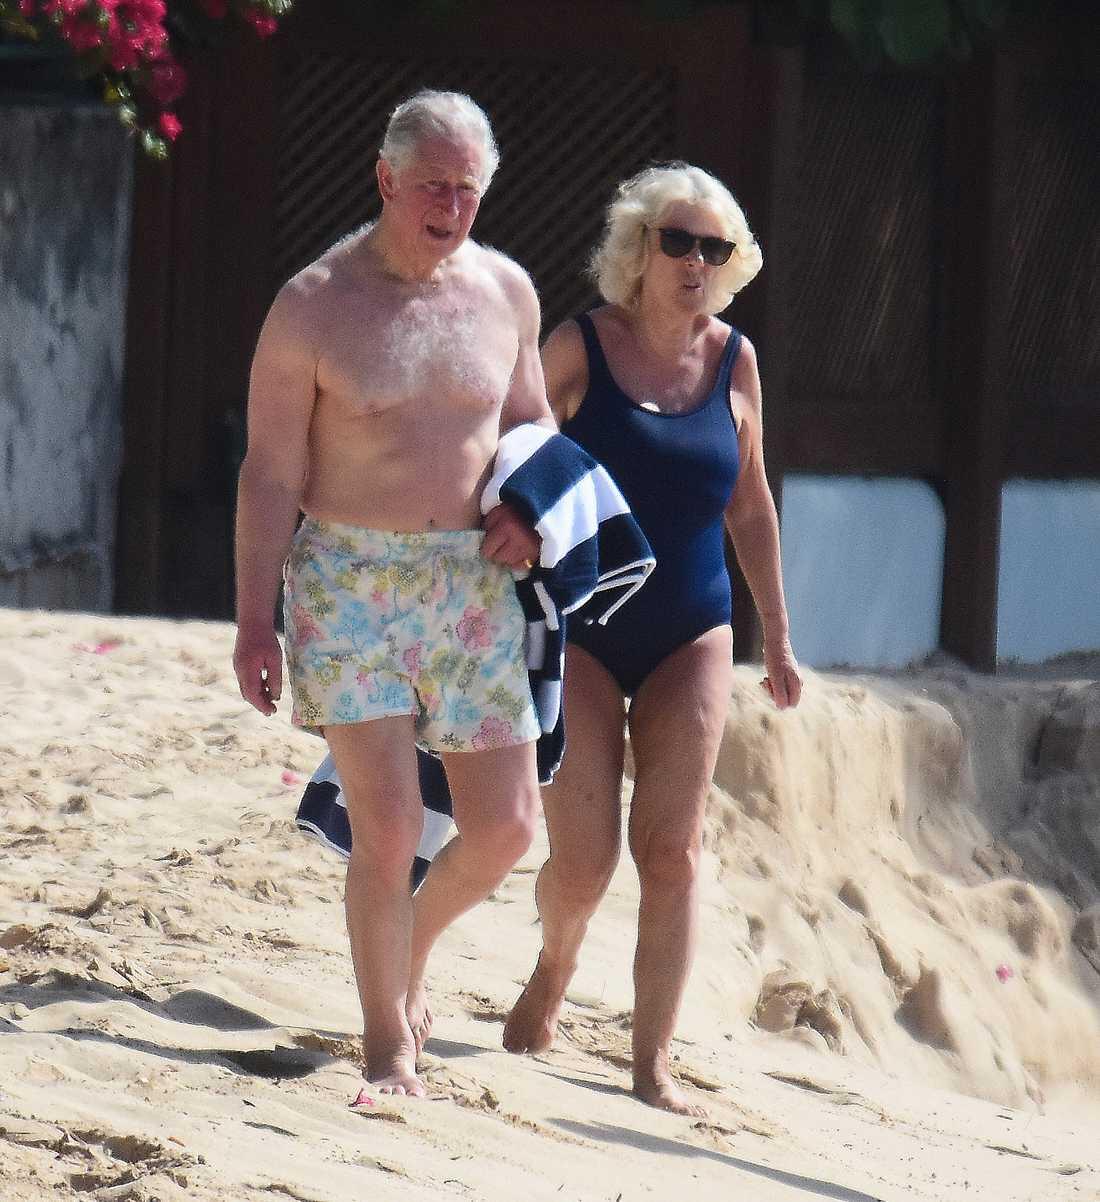 I dagarna besökte paret ön Barbados. På bilderna från stranden syns den 70-åriga prinsens  vältrimmade kropp.